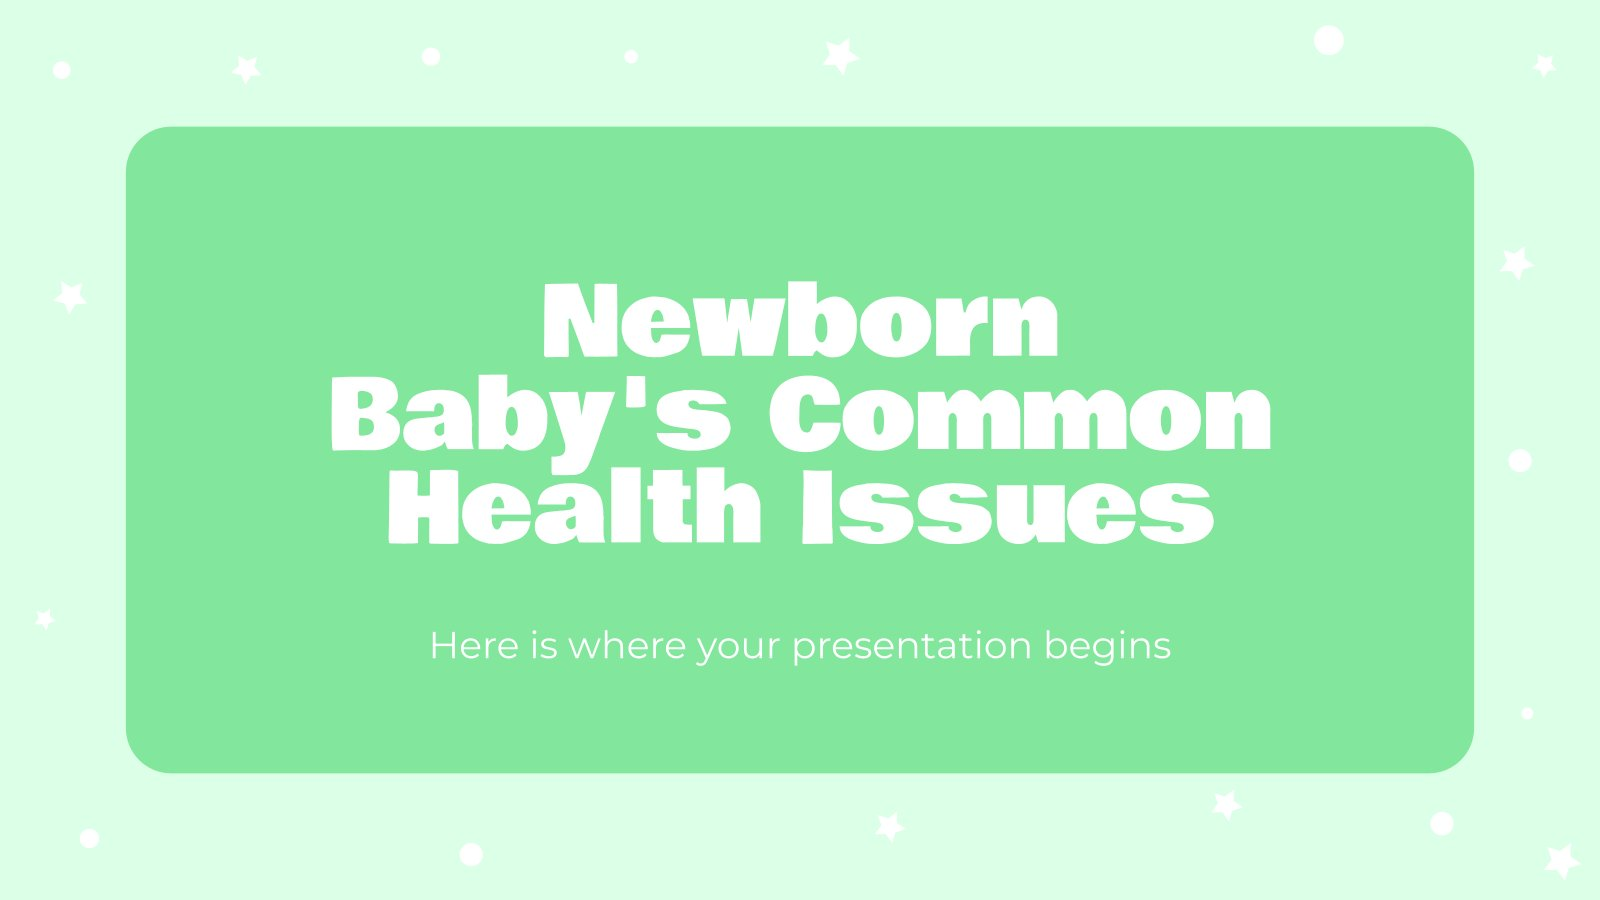 Principaux problèmes de santé chez les nouveau-nés : Modèles de présentation